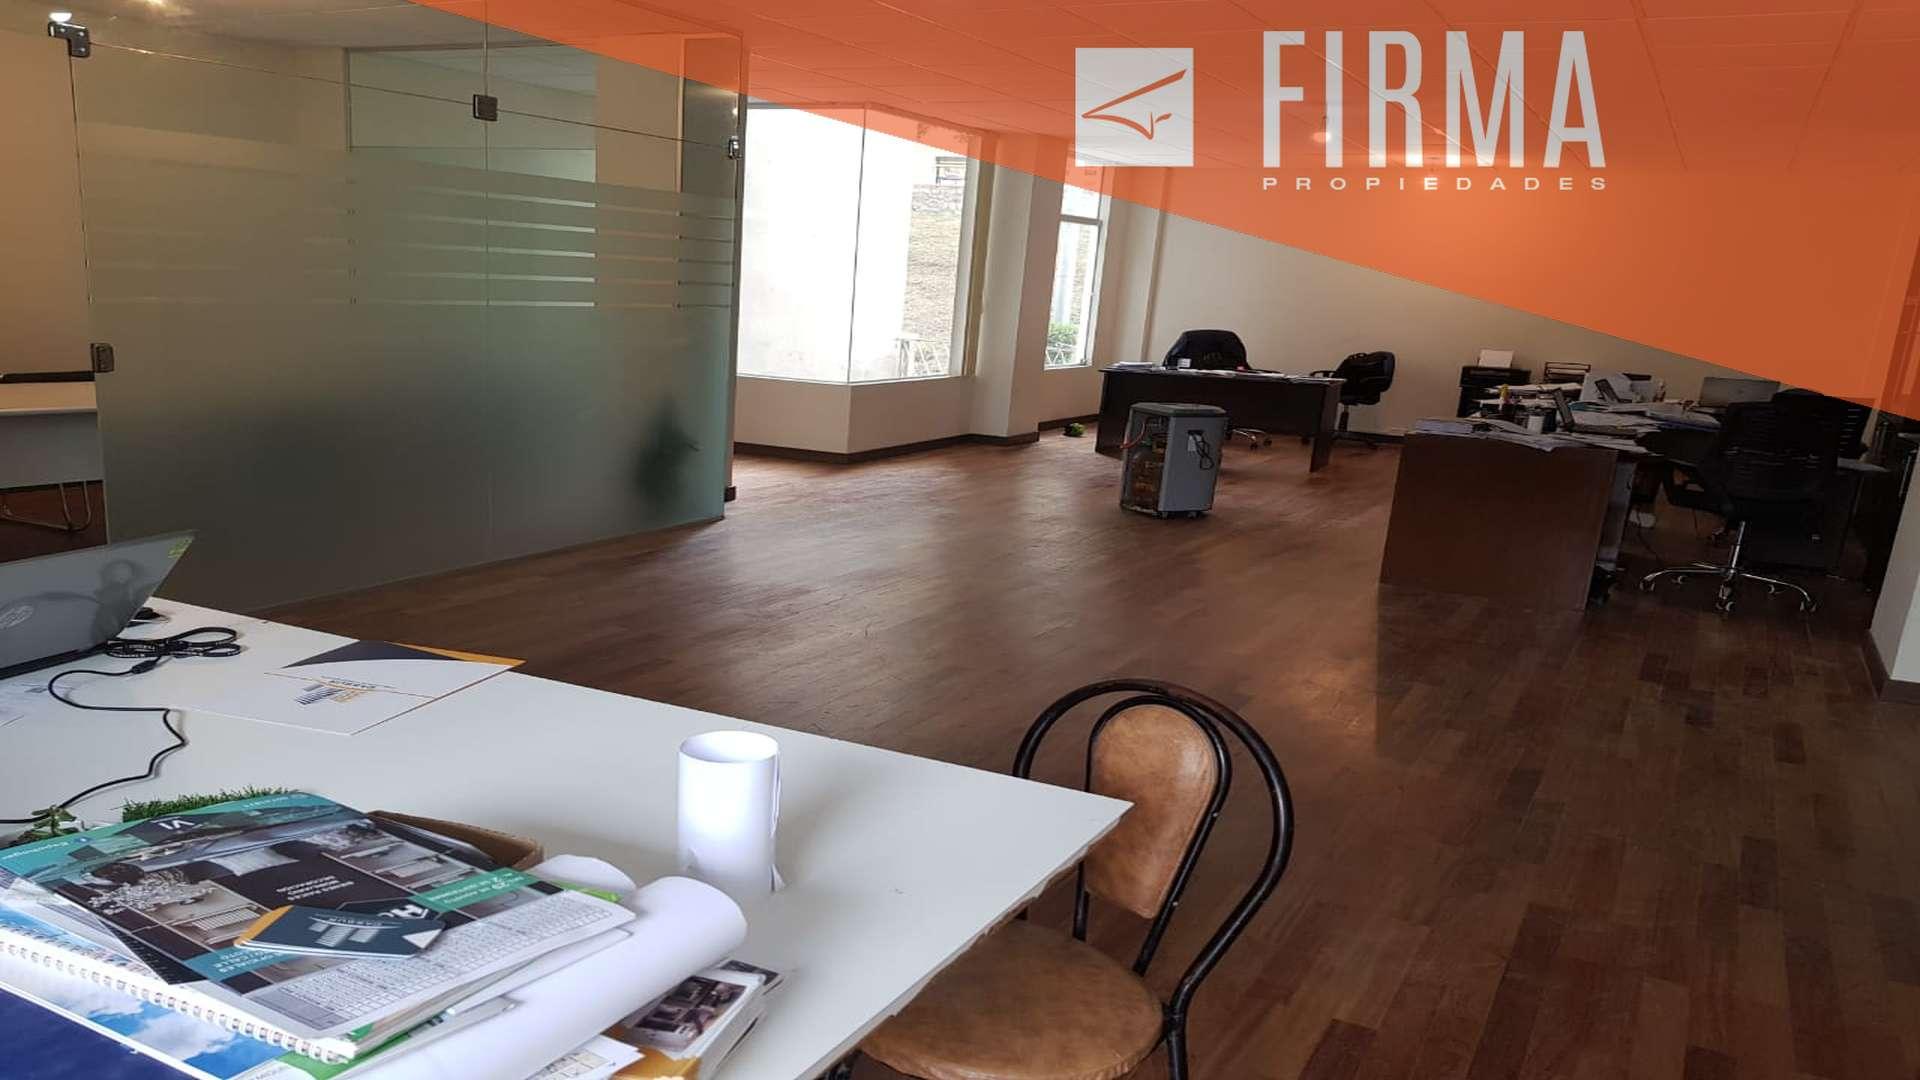 Oficina en Venta FOV31125 – COMPRA TU OFICINA EN MIRAFLORES Foto 3